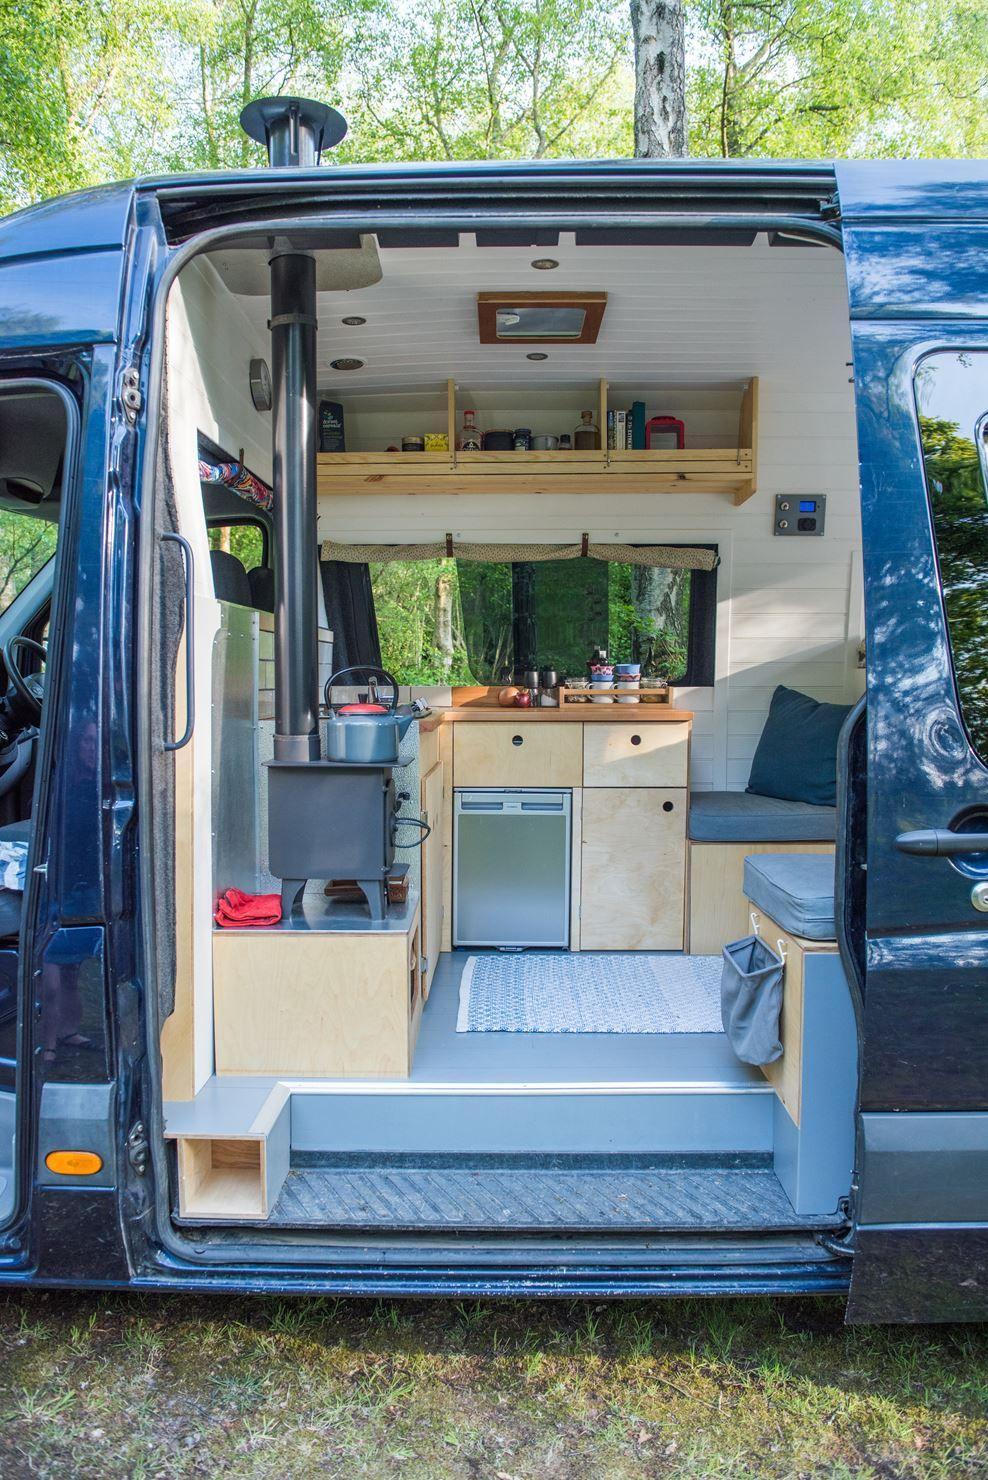 Beautiful bright & airy camper